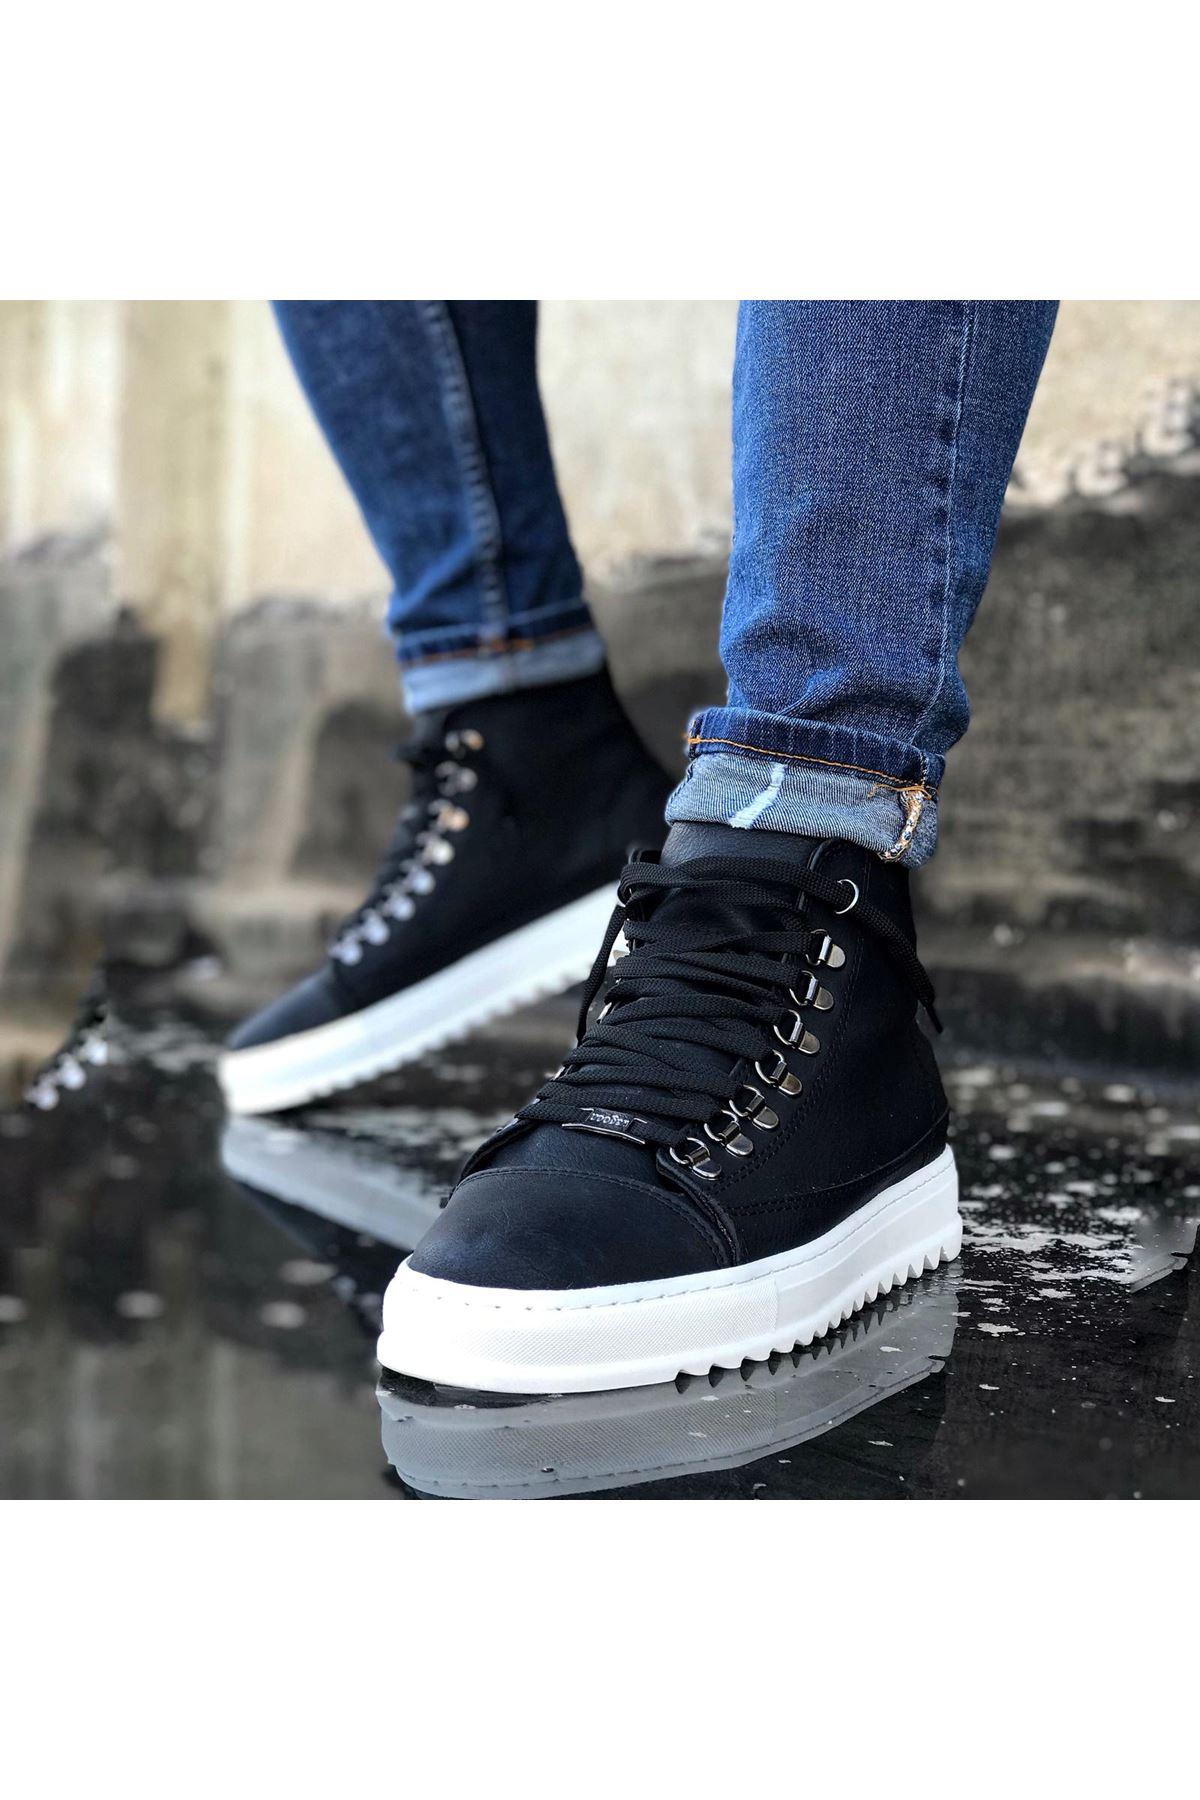 Wagoon WG034 Siyah Bağcıklı Sneakers  Yarım Bilek Bot